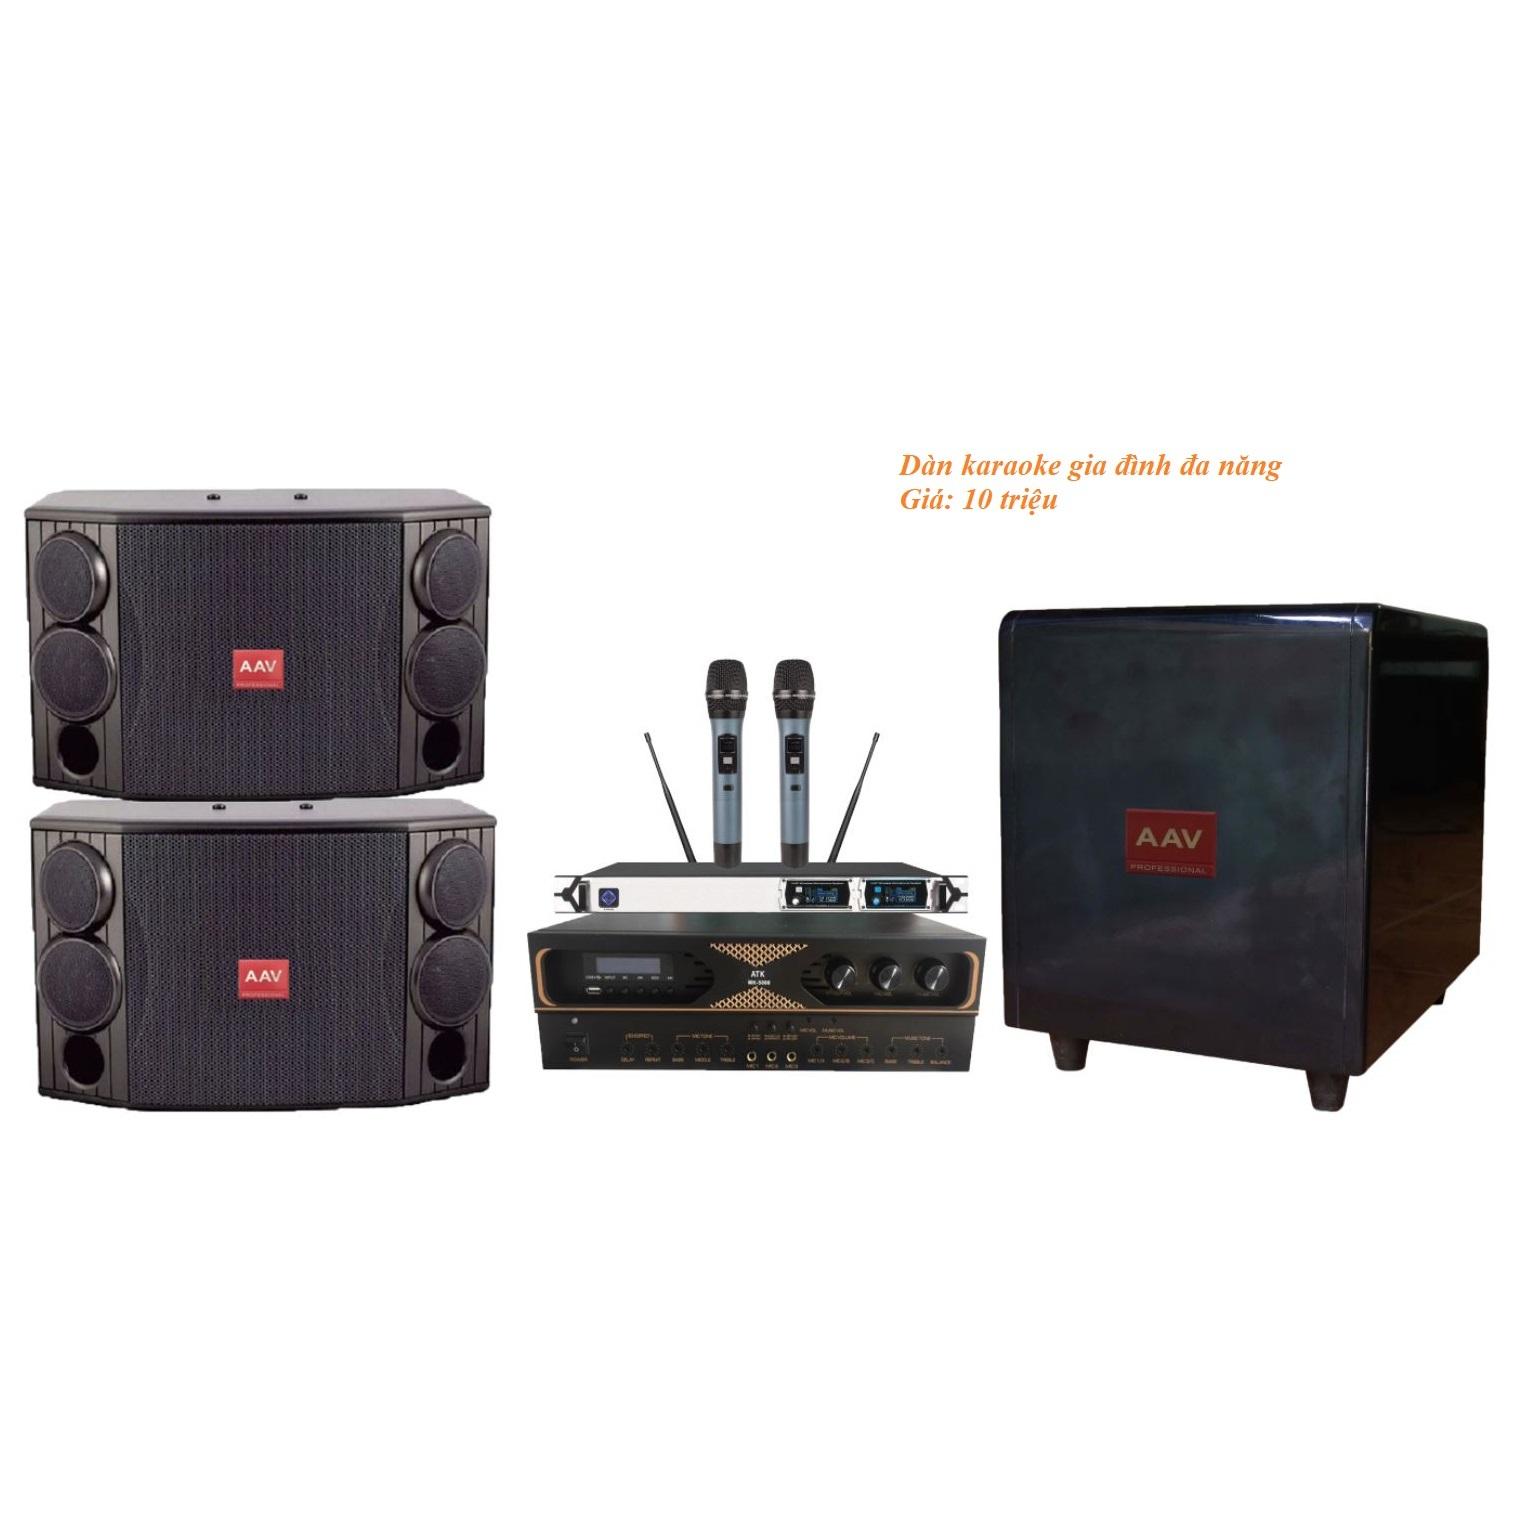 Dàn karaoke gia đình giá 10 triệu VN18